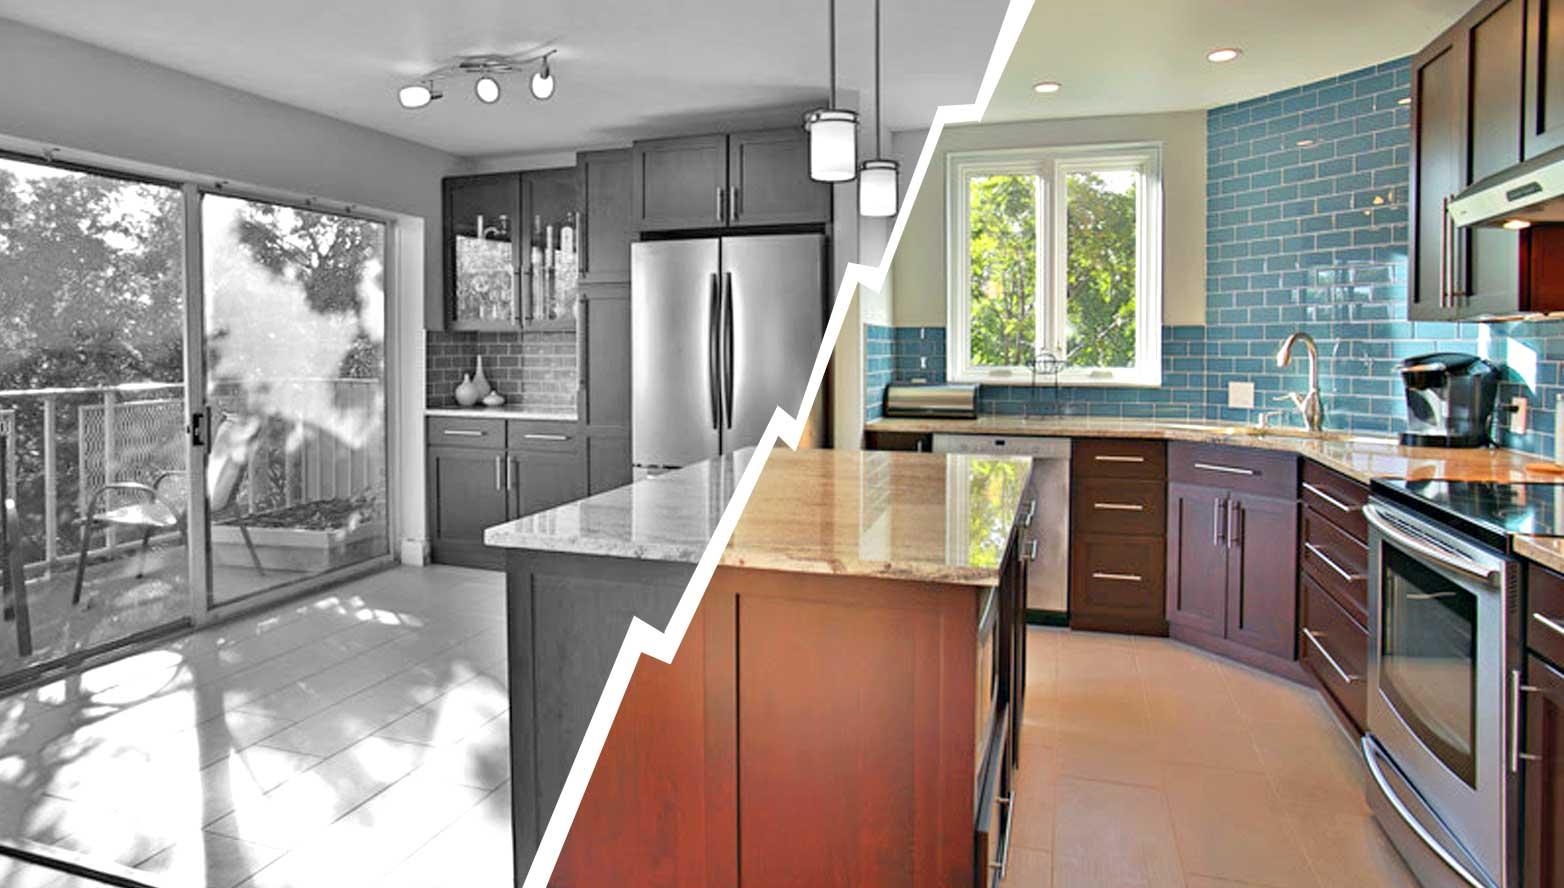 Home Depot Decora Cabinets Comparison Cabinet Place Online